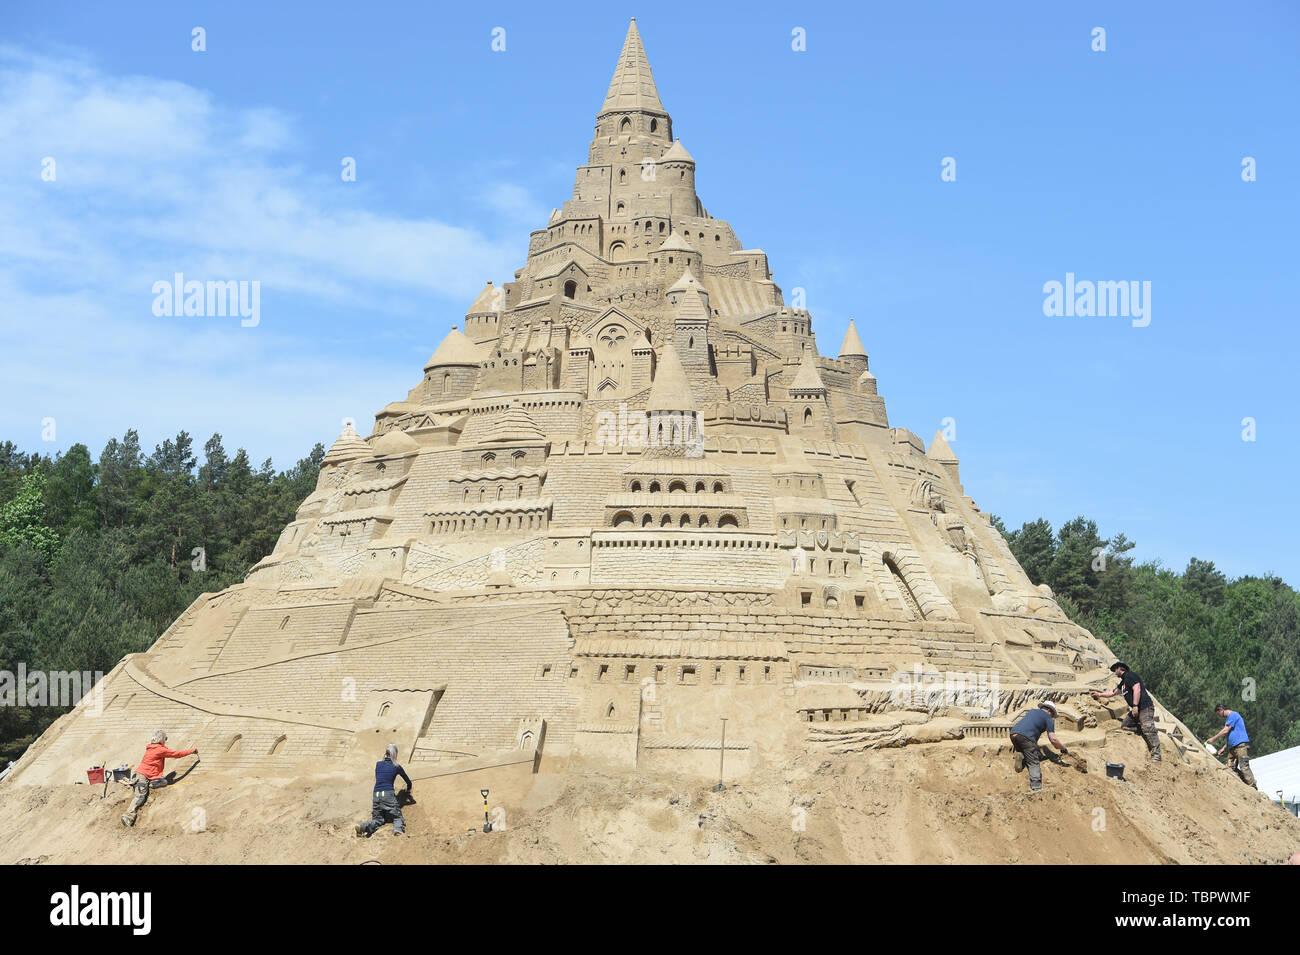 """Binz, Allemagne. 06Th Juin, 2019. Les sculpteurs travaillent sur la sculpture 'plus grand Sandcastle dans le monde"""" sur le terrain de l Festival de sculptures de sable de Binz sur l'île de Rügen. Comme les initiateurs, a annoncé la préparation technique de ce projet a commencé en mai. L'équipe veut utiliser plus de 11 000 tonnes de sable pour le géant enfoncé œuvre d'art d'une hauteur prévue de 17,5 mètres à la château de sable. Sur le dossier des juges 05.06.2019 """"Guinness World Records"""" sont censés prendre en charge la construction. Dpa: Crédit photo alliance/Alamy Live News Photo Stock"""